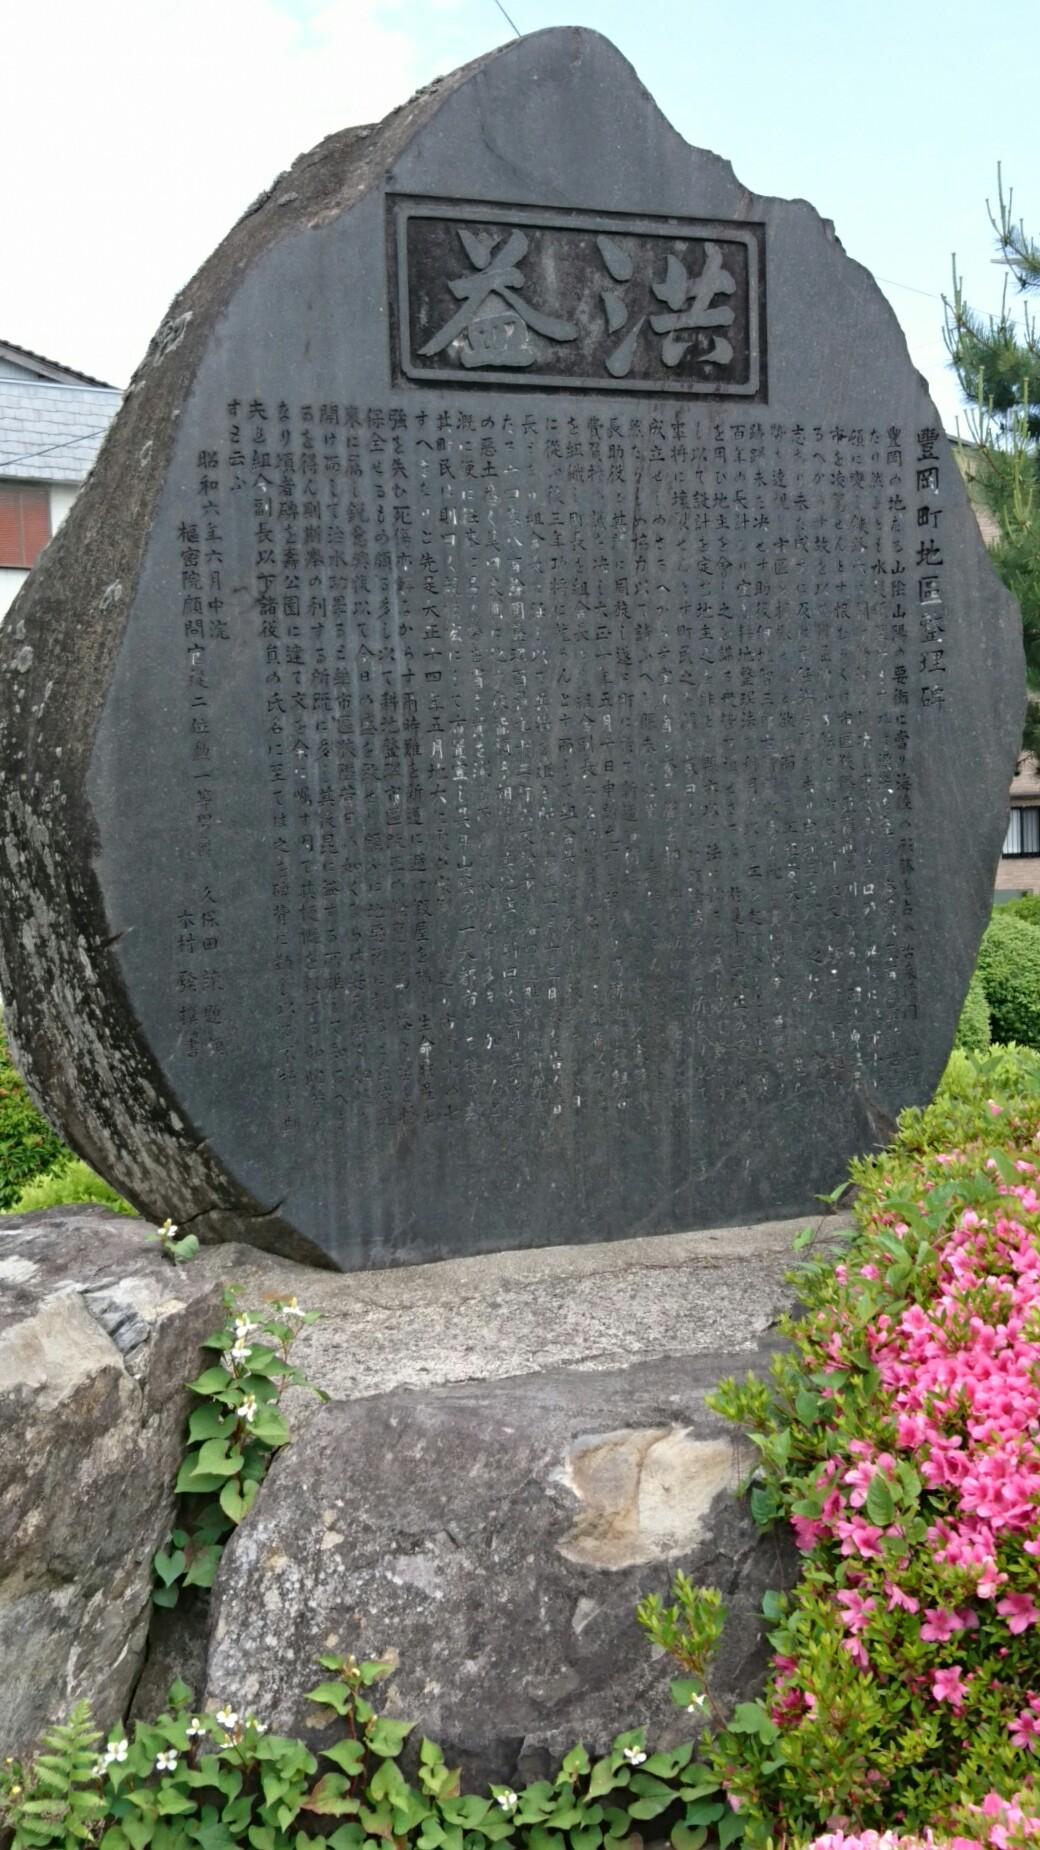 2017.6.3 豊岡 (80) 豊岡町地区整理碑 1040-1850